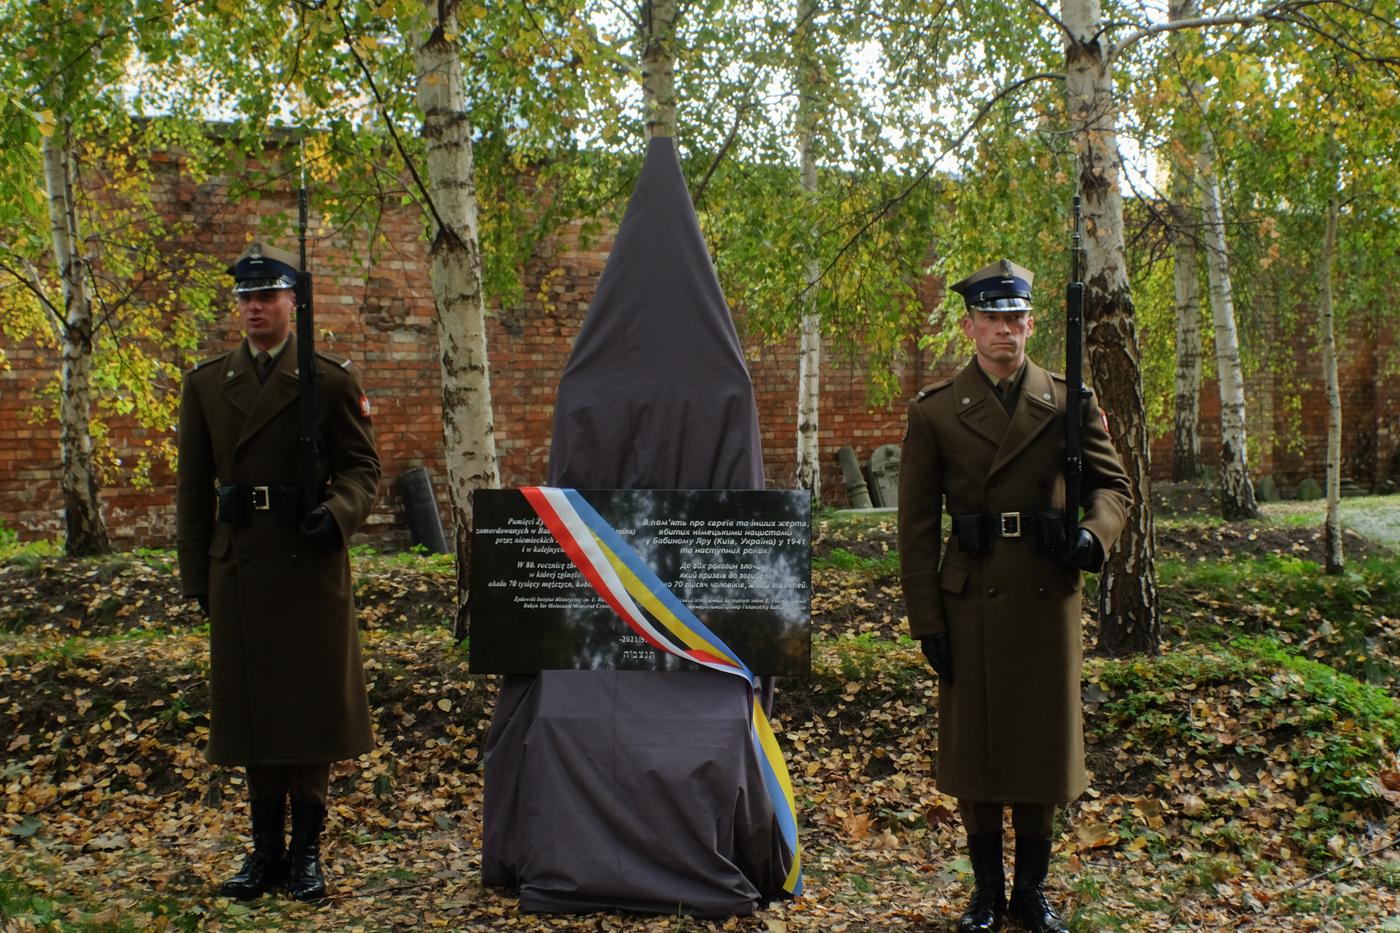 В Варшаве заложили камень в память о жертвах трагедии Бабьего Яра